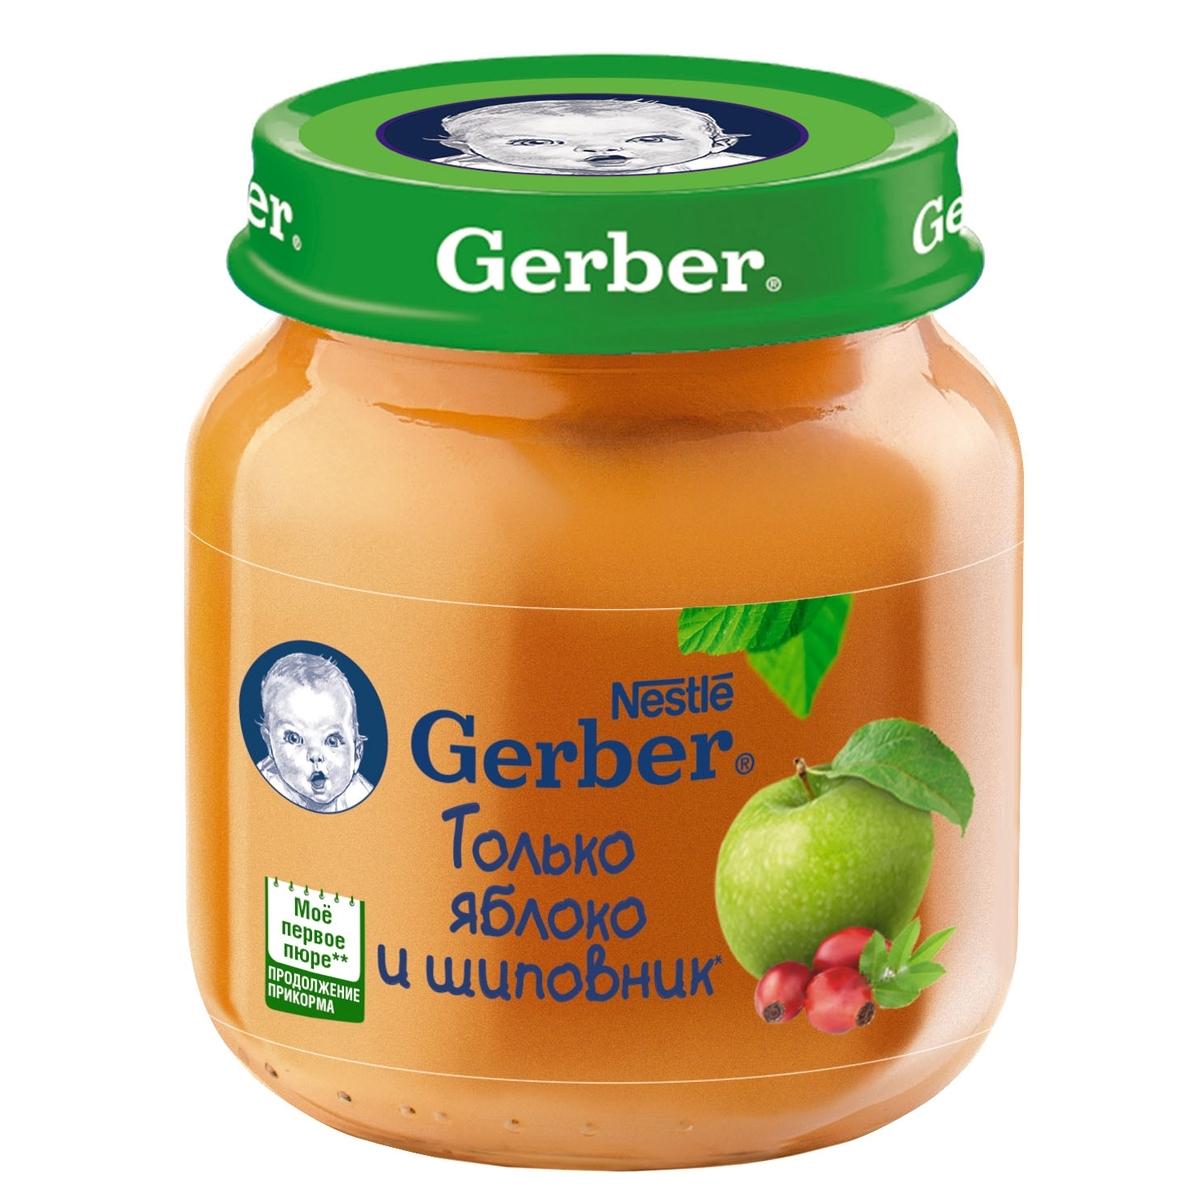 Пюре Gerber фруктовое 130 гр Яблоко с шиповником  (1 ступень)<br>